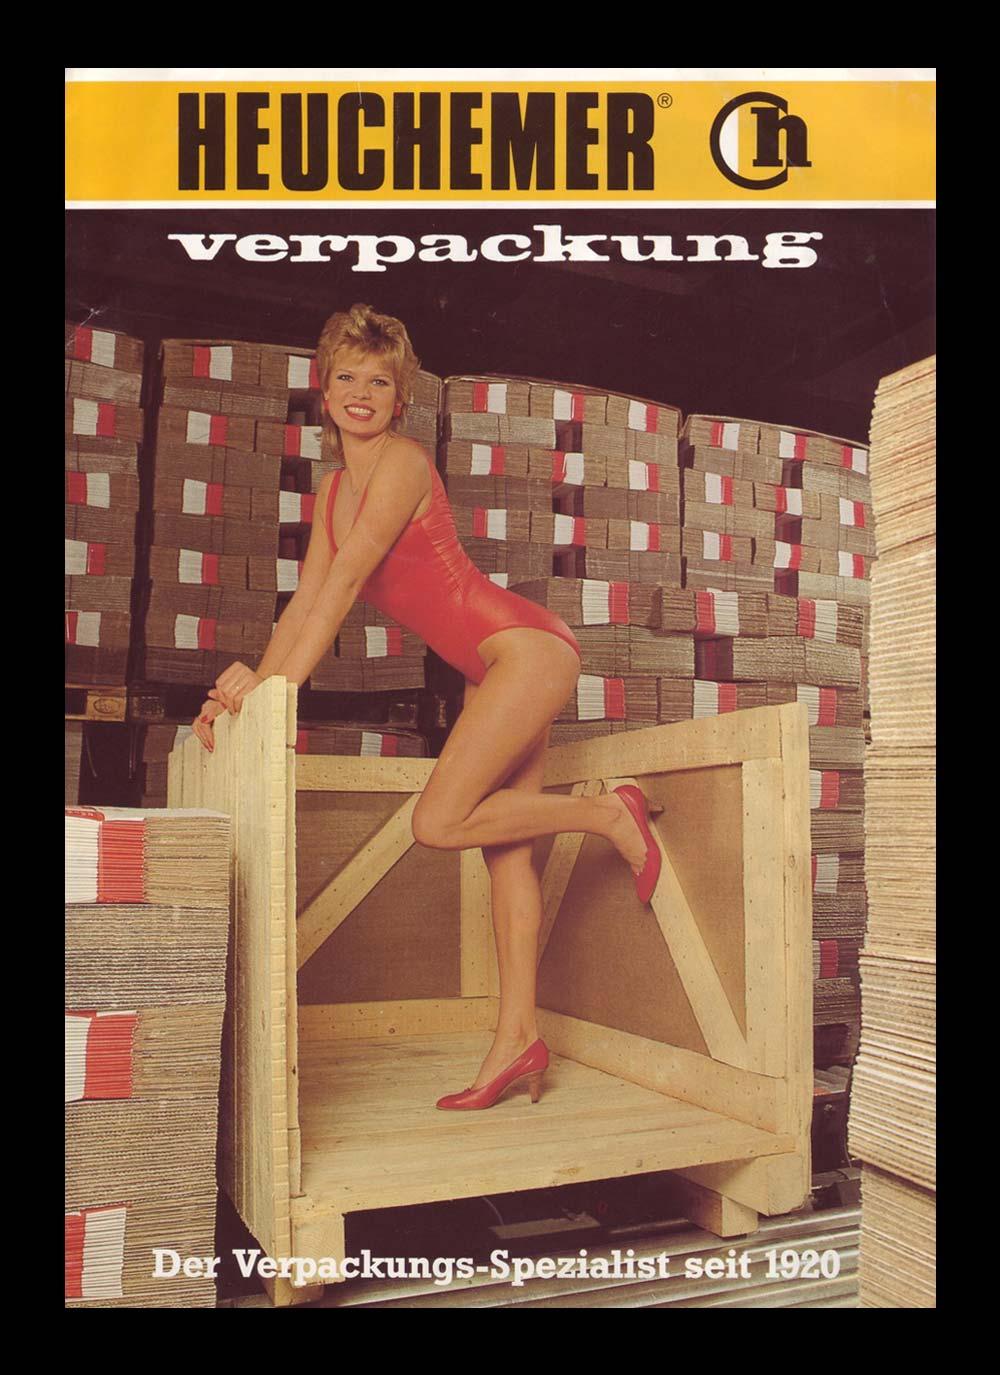 HEUCHEMER VERPACKUNG || Anzeigenwerbung 1970 - Wellpappe und Holz Verpackungen